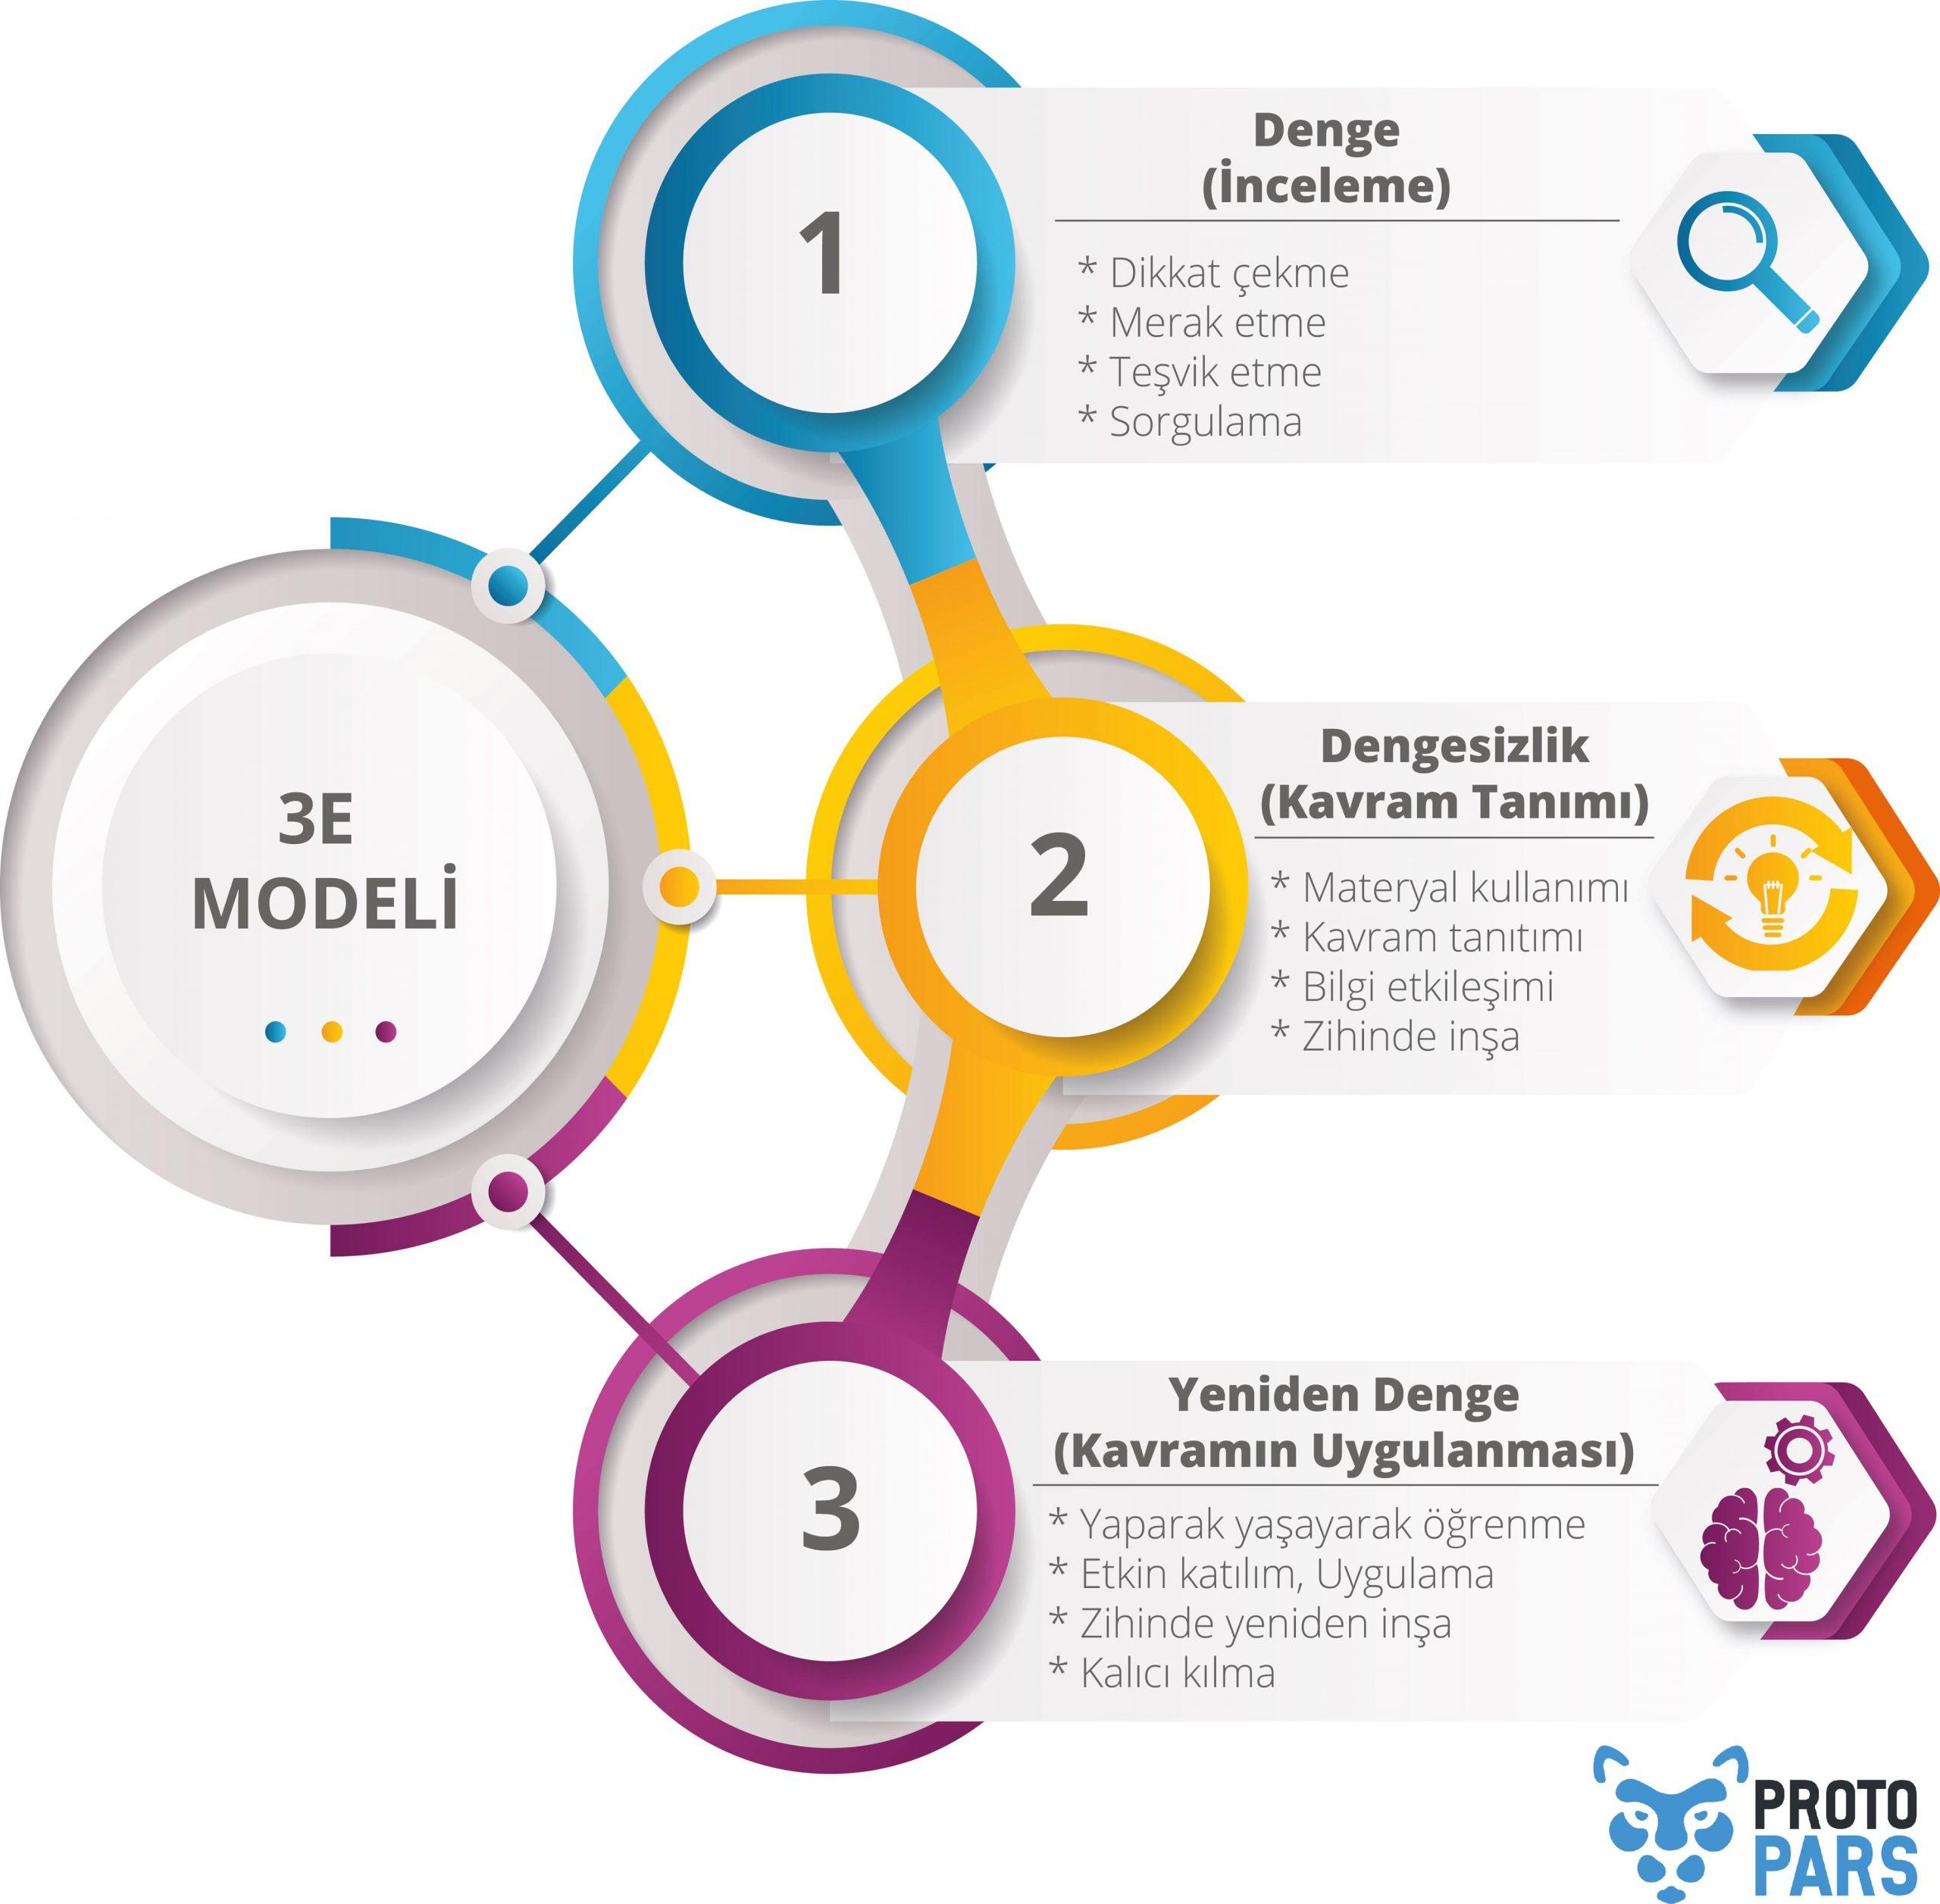 3E Modeli Nedir? Hangi Aşamalardan Oluşmaktadır?